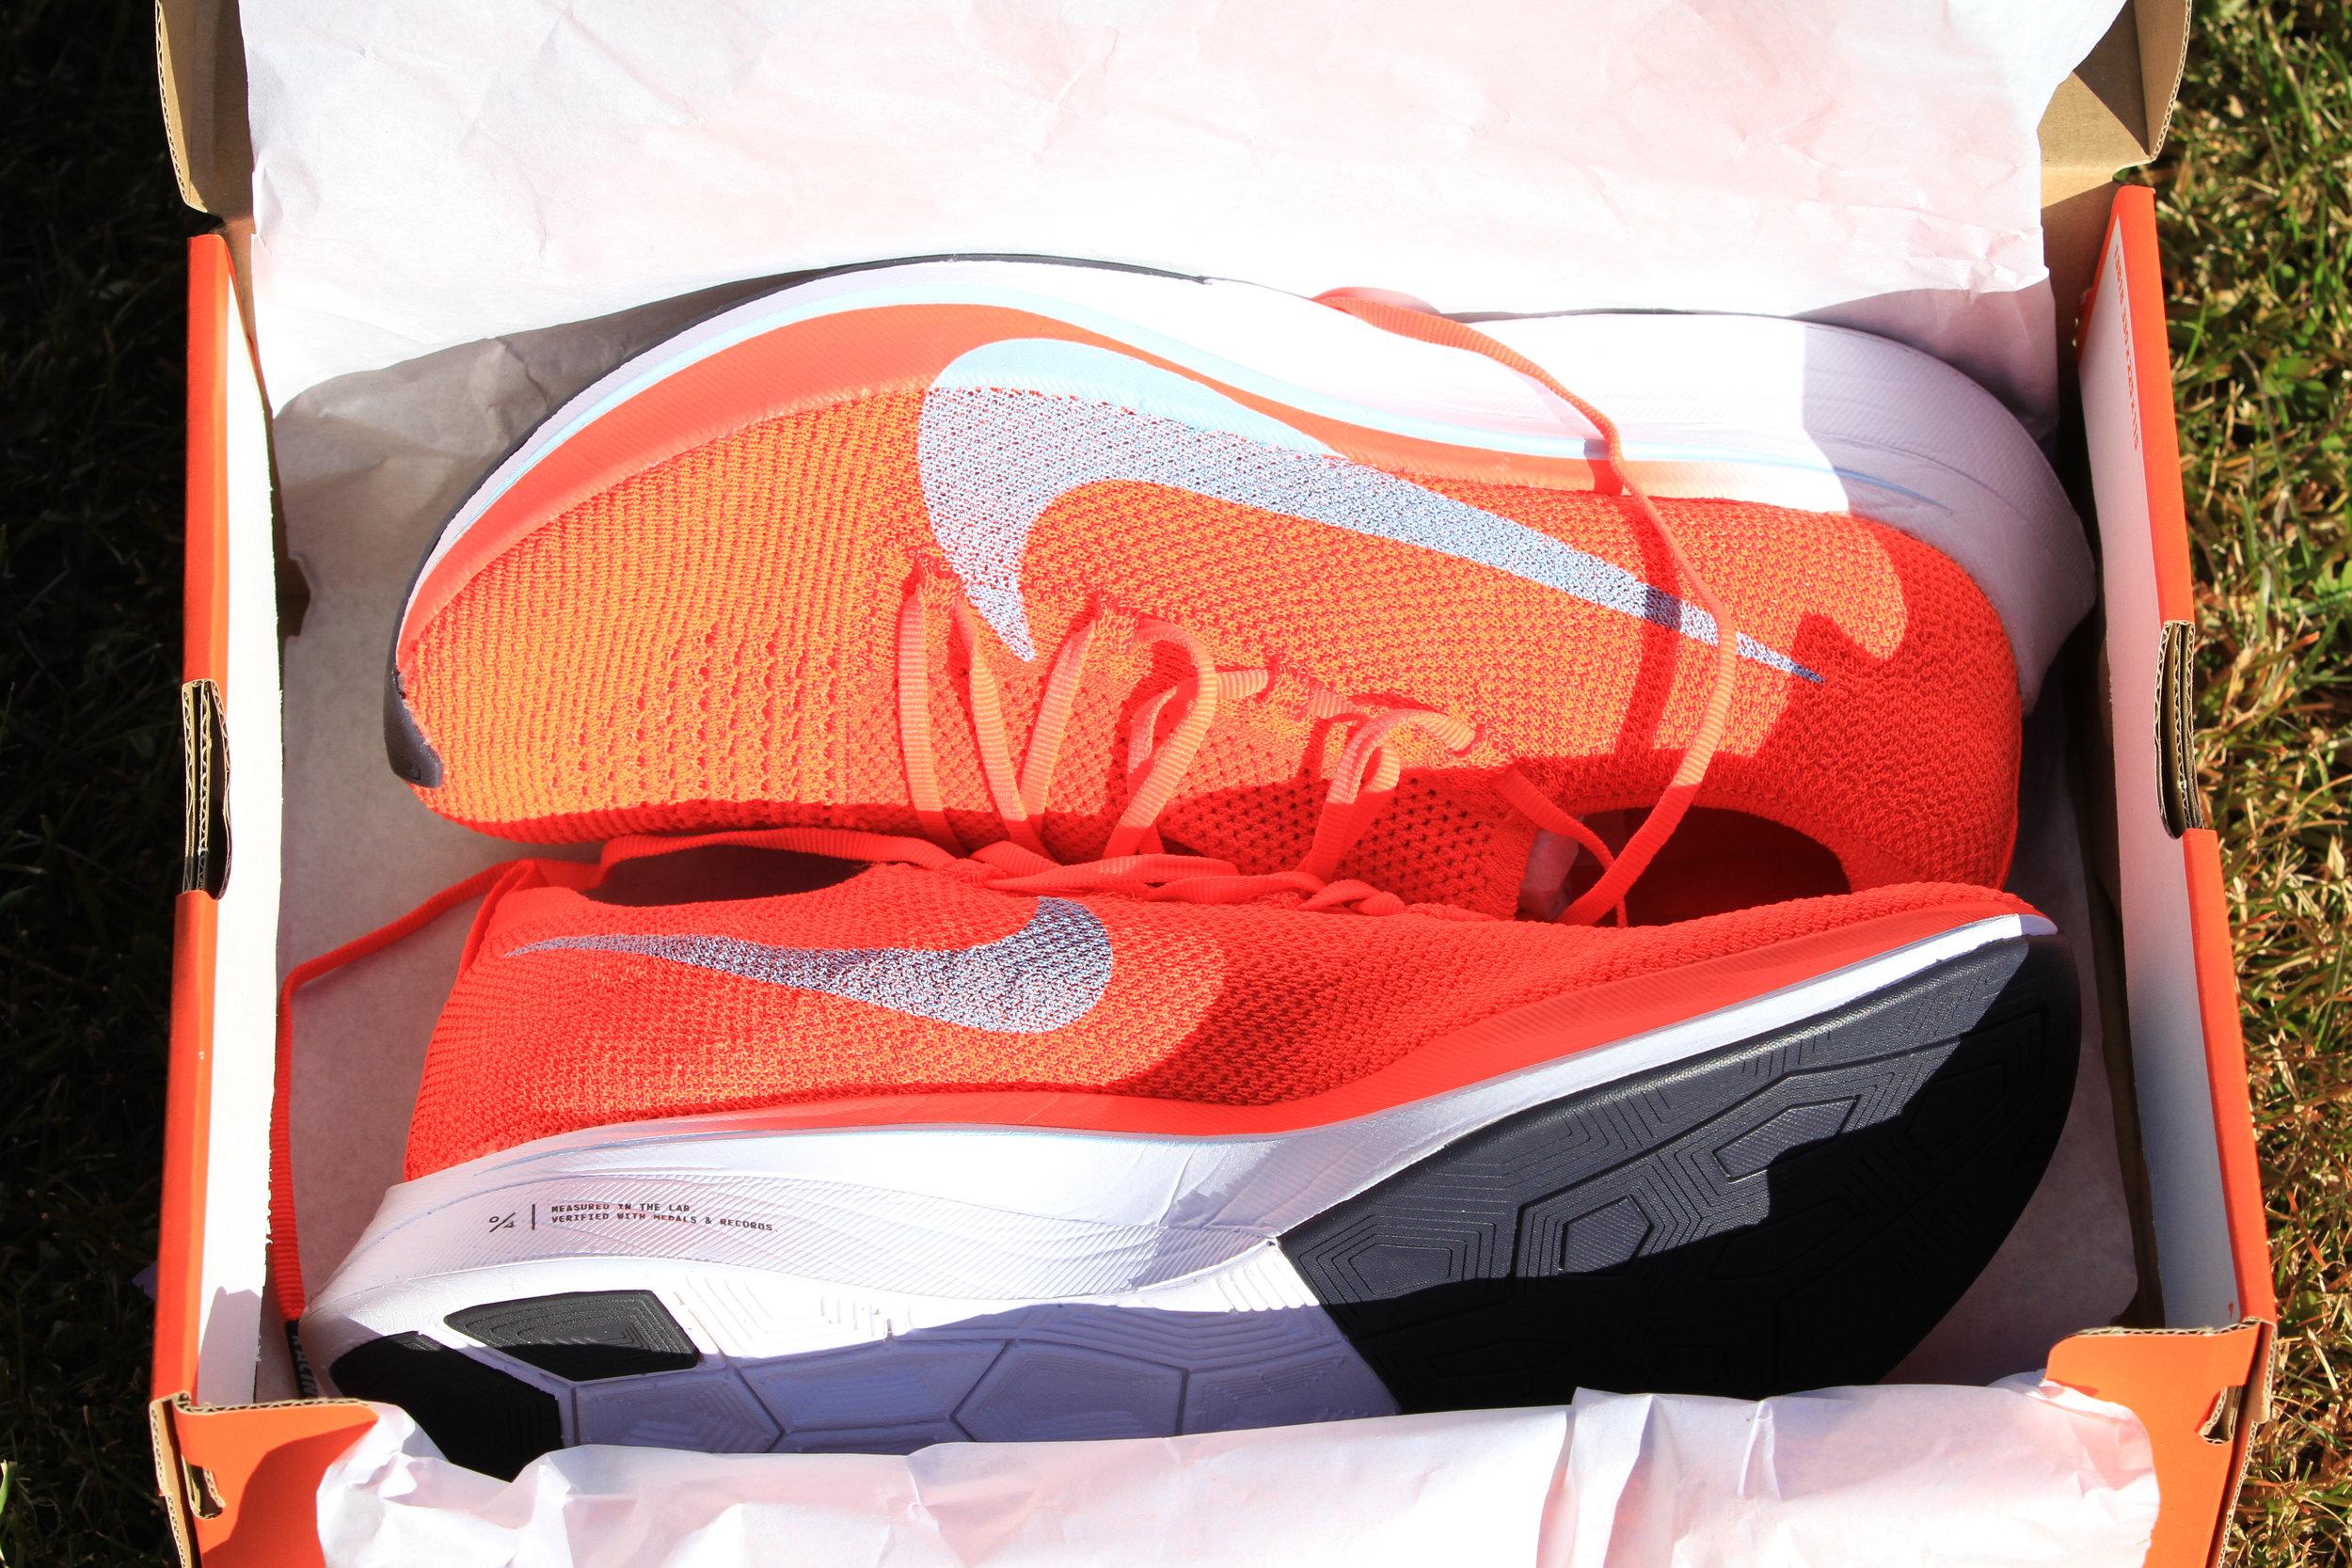 Nike Vaporfly 4% Flyknit-14.jpg